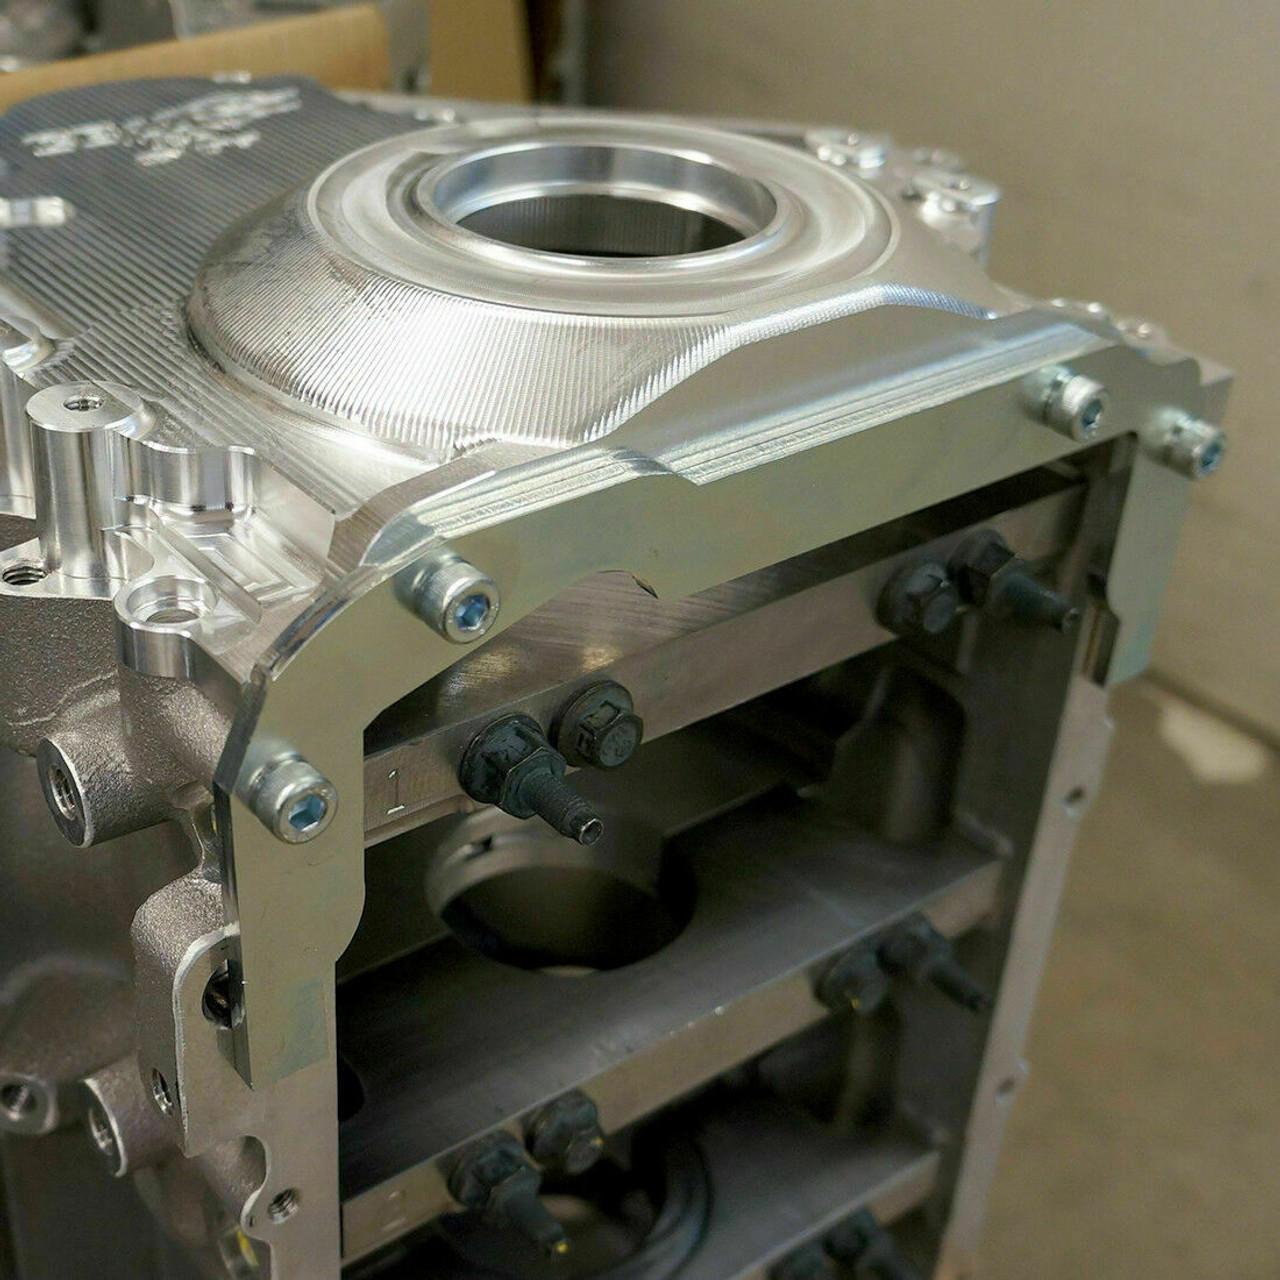 Michigan Motorsports LS Front Rear Cover Oil Pan Alignment Tool Kit Fits Engines 4.8 5.3 5.7 6.0 LS1 LS2 LS3 LSA